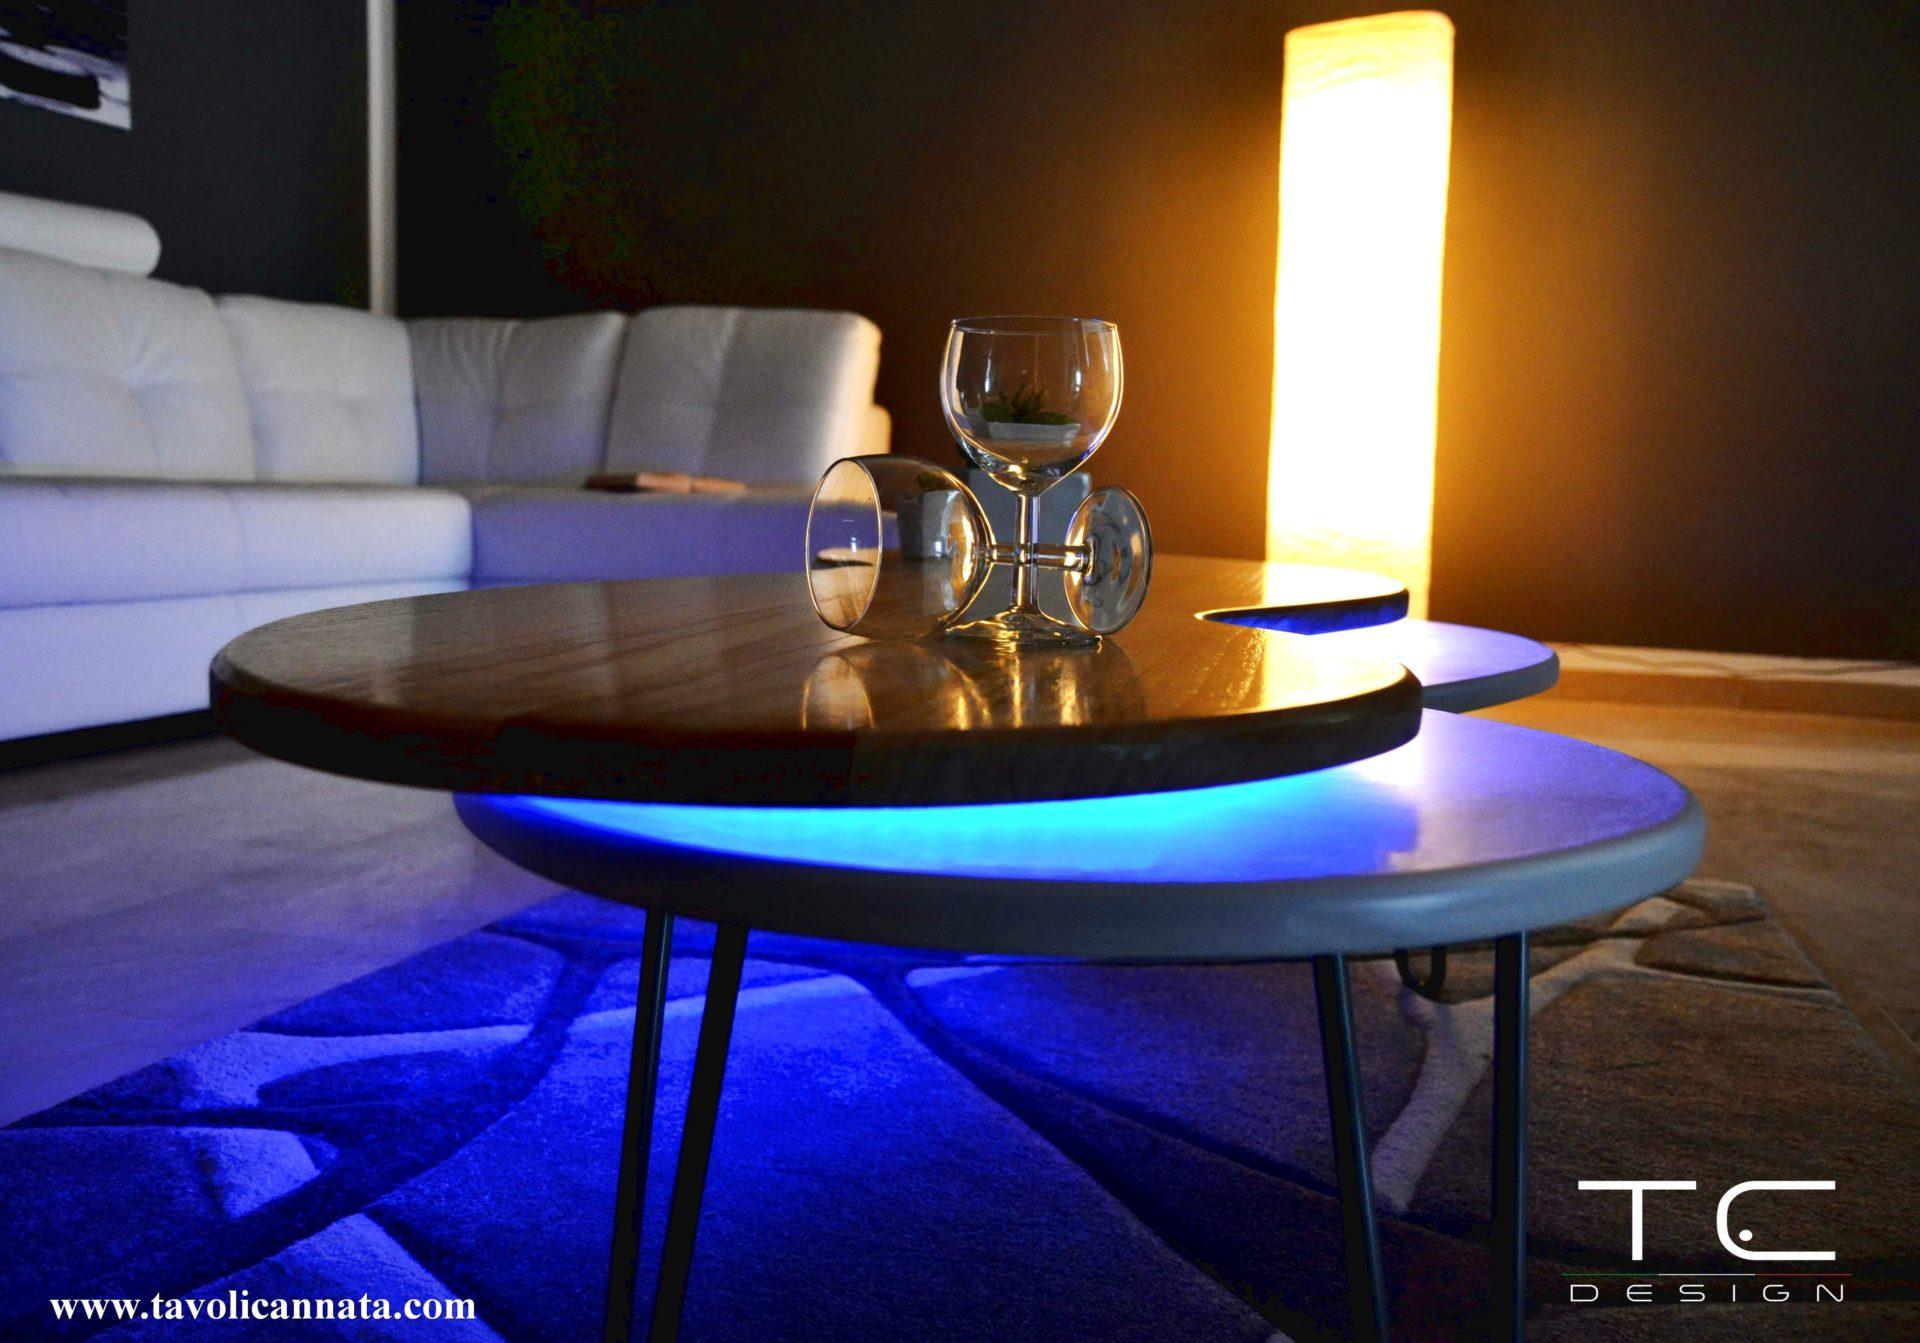 Tavolini Bassi Salotto Moderni.Tavolini Bassi Di Design Moderni Per Salotto Tavolini Cannata